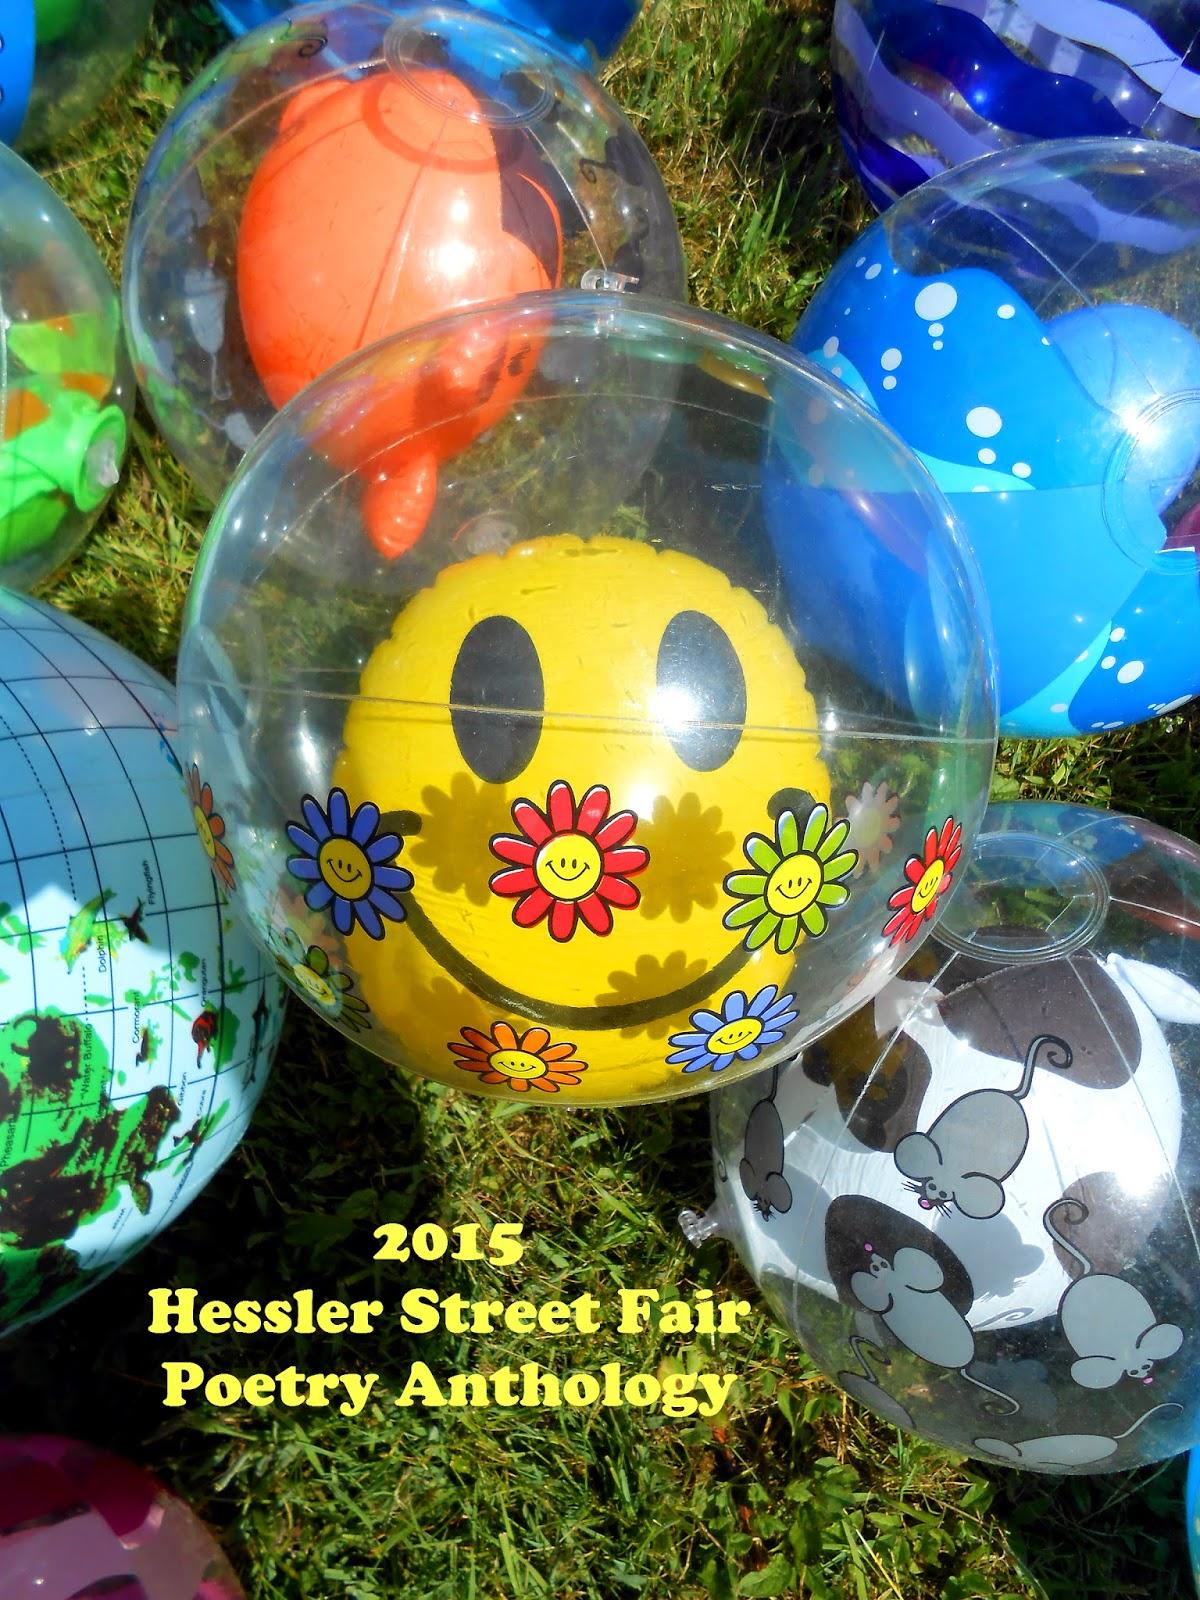 cover of Hessler Street Fair Poetry Anthology 2015